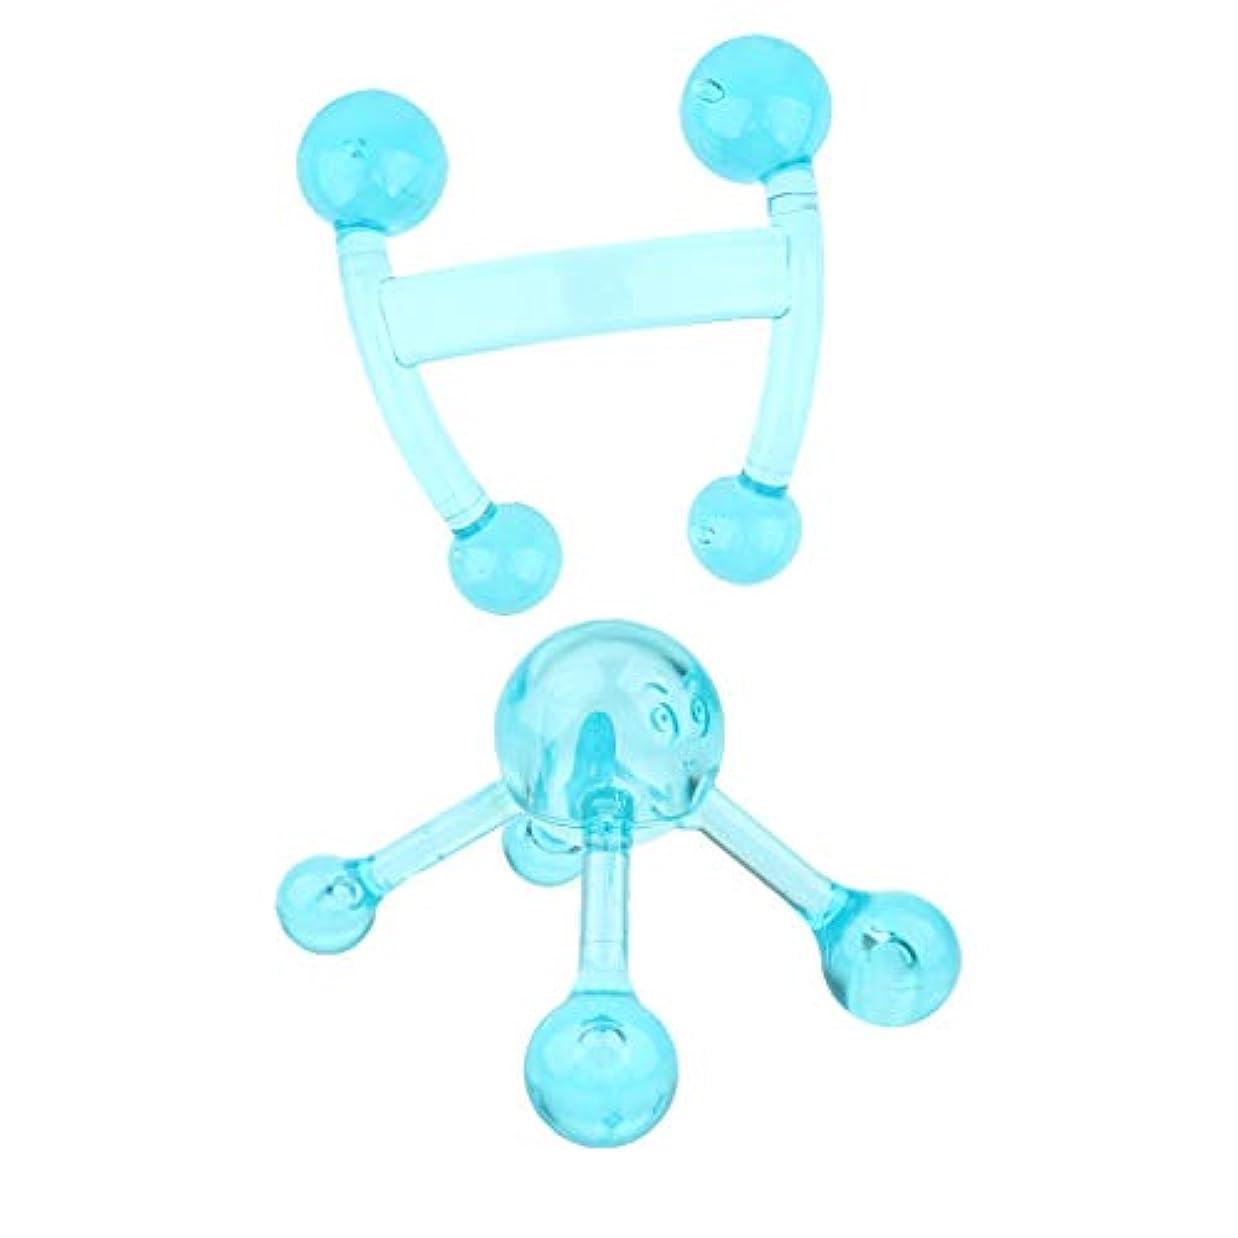 同性愛者シャット放置dailymall 首の肩の弛緩のための2x深いティッシュのマッサージ用具の手持ち型のマッサージャー